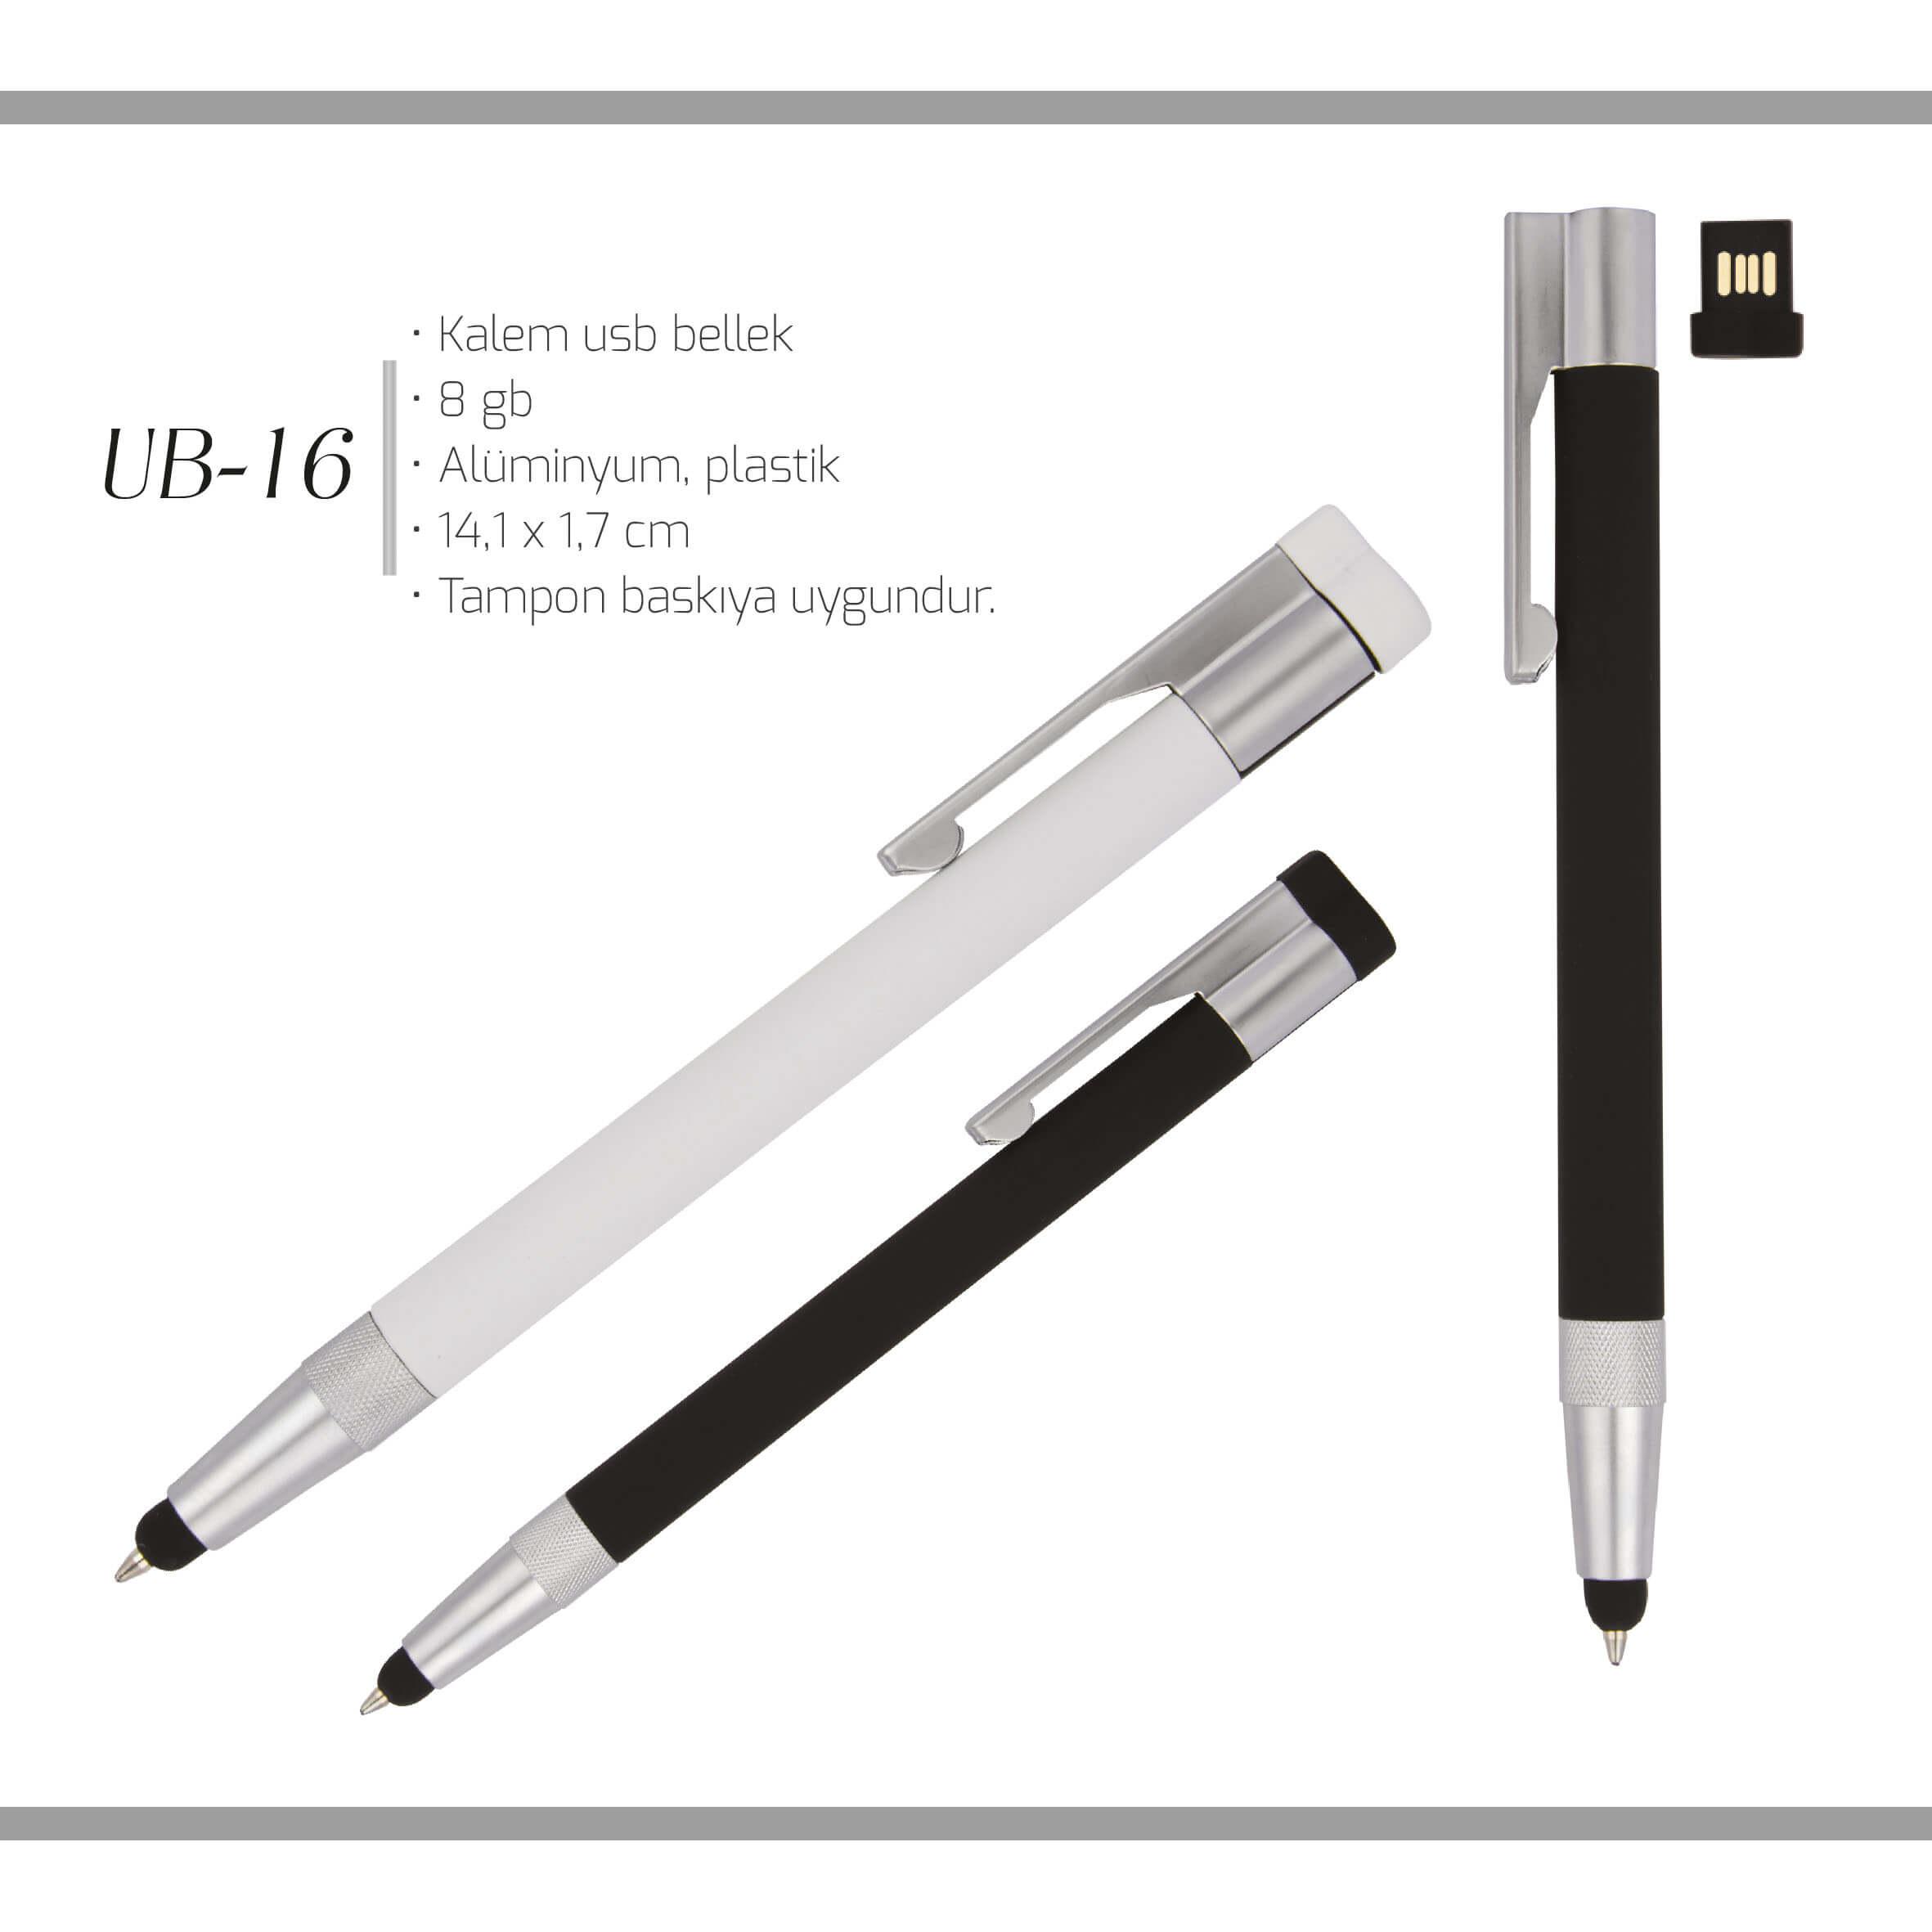 promosyon-promosyon ürünleri-kalem usb bellek-promosyon UB-16